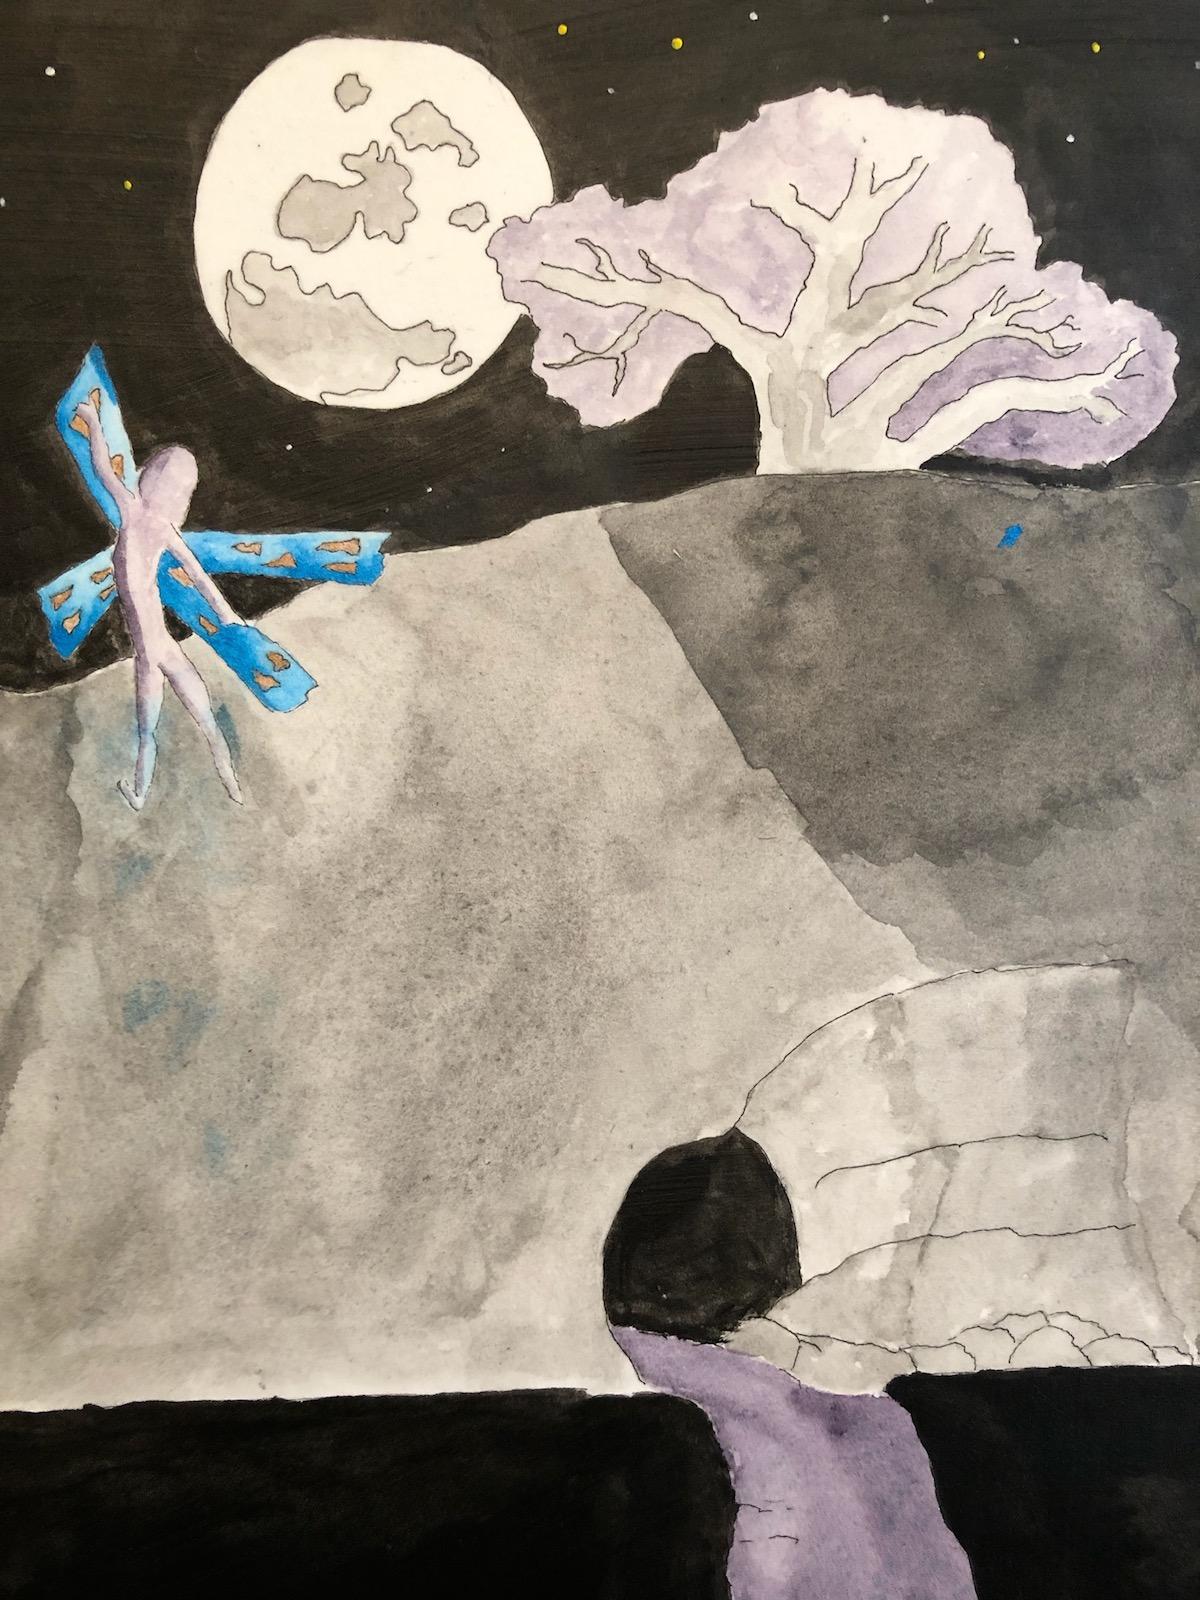 fairie under the moon